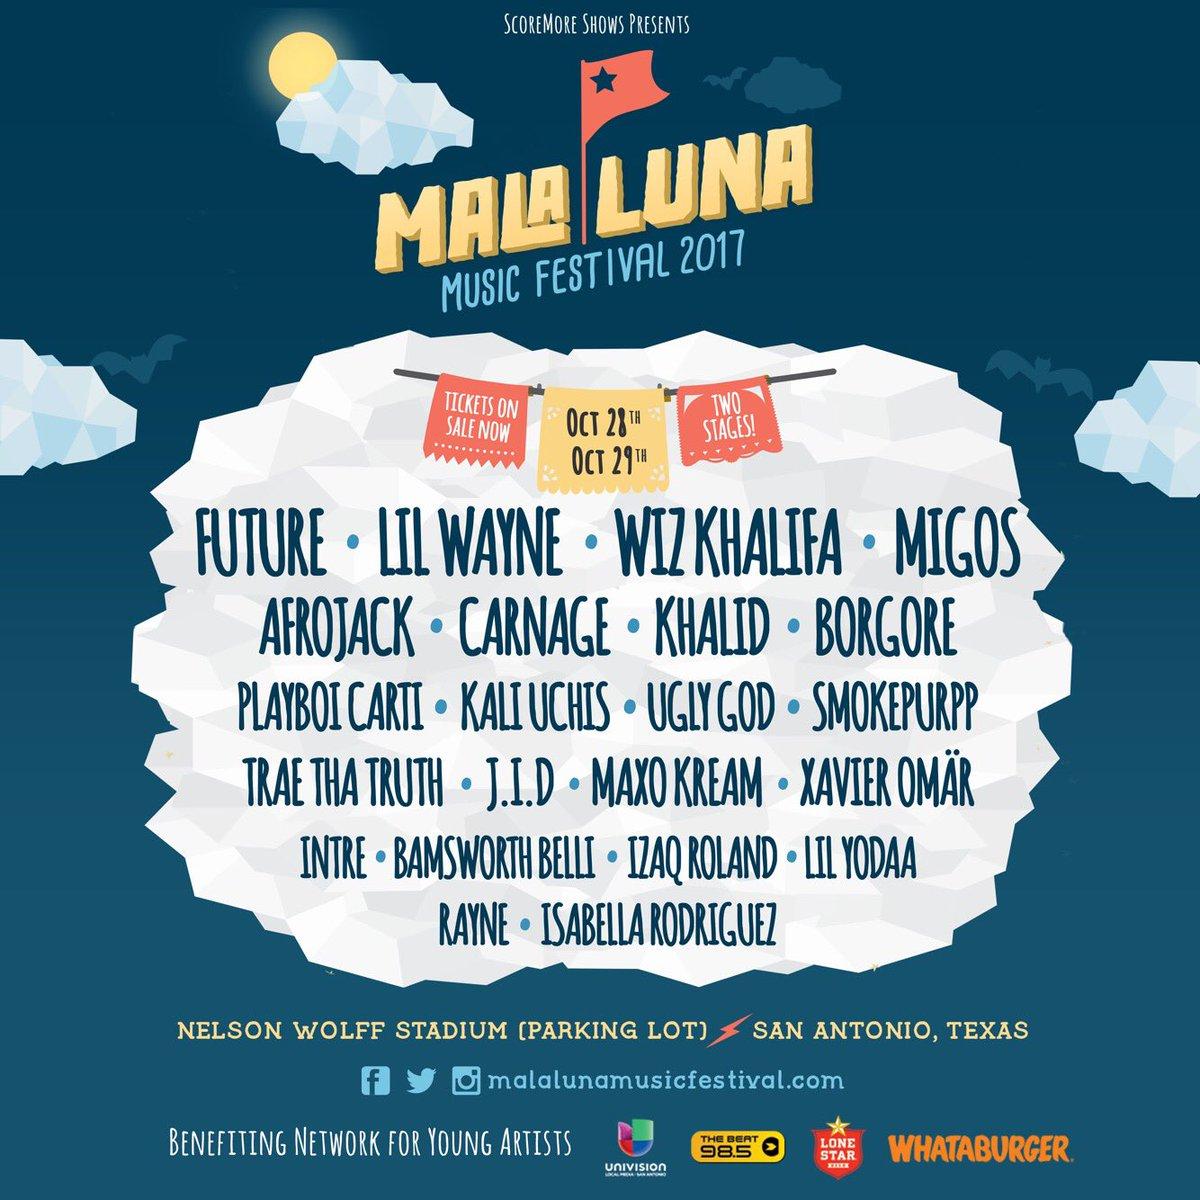 malaluna2017 hashtag on Twitter